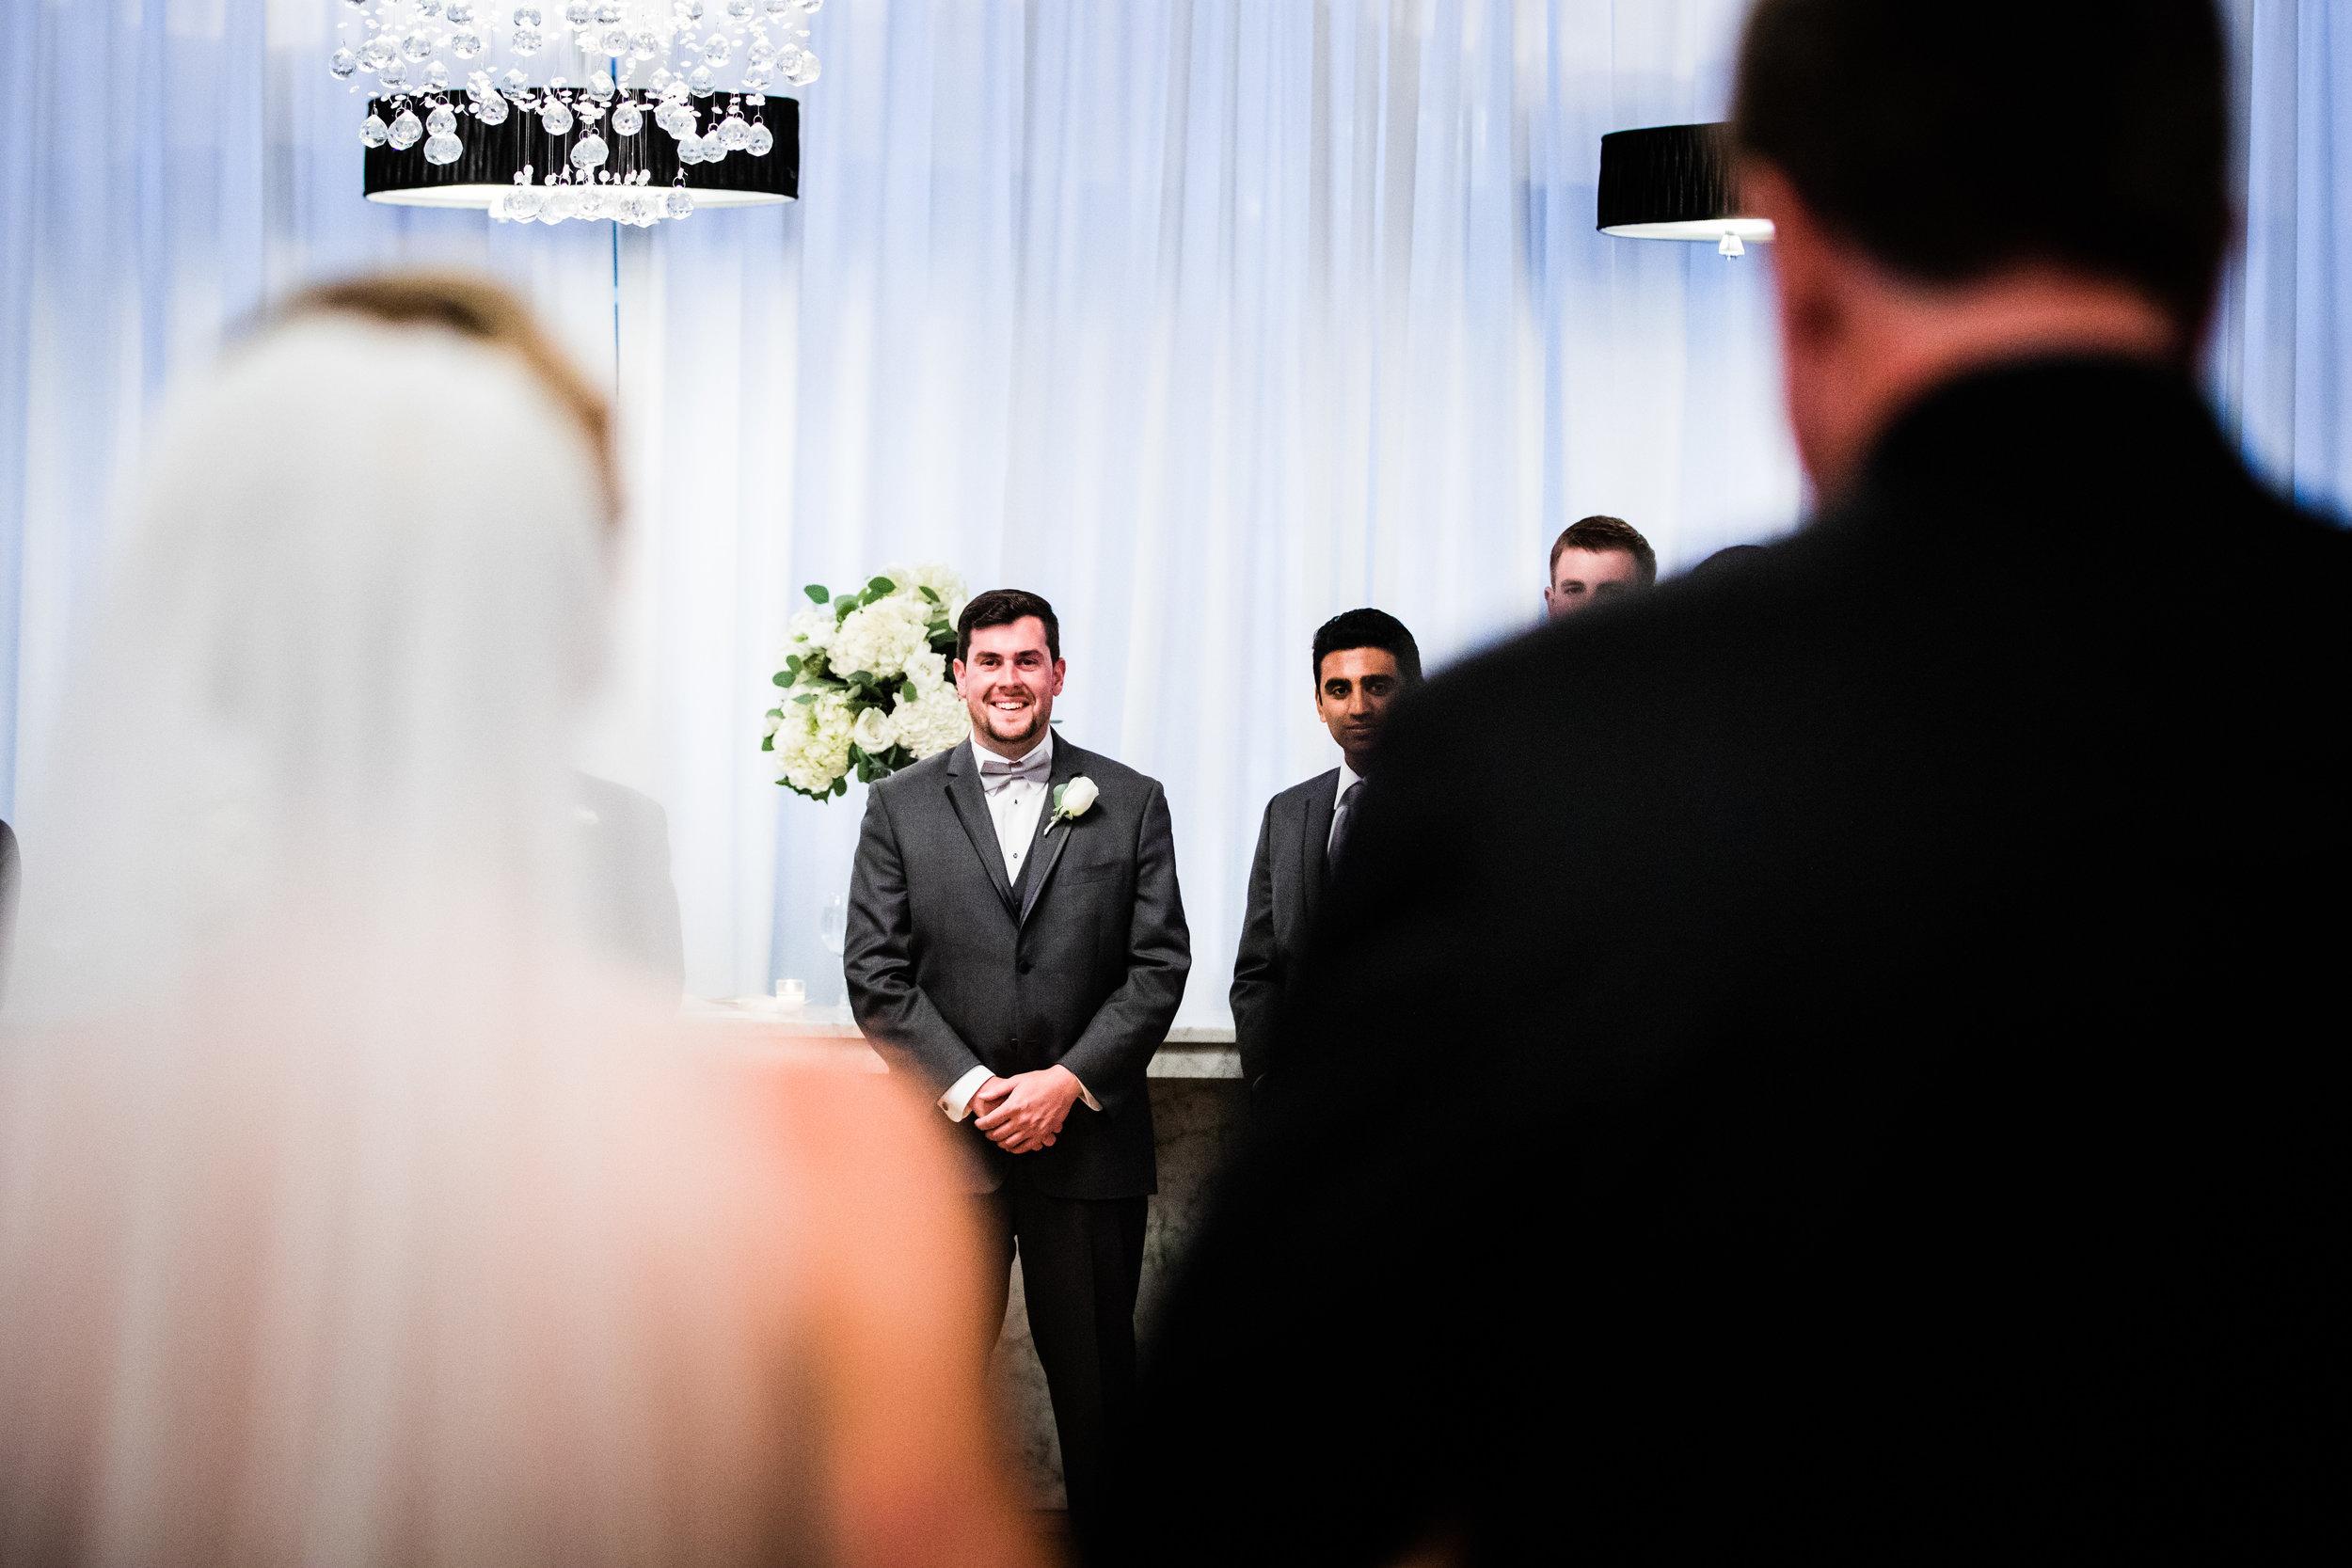 TENDENZA FISHTOWN PHILADELPHIA WEDDING - 108.jpg